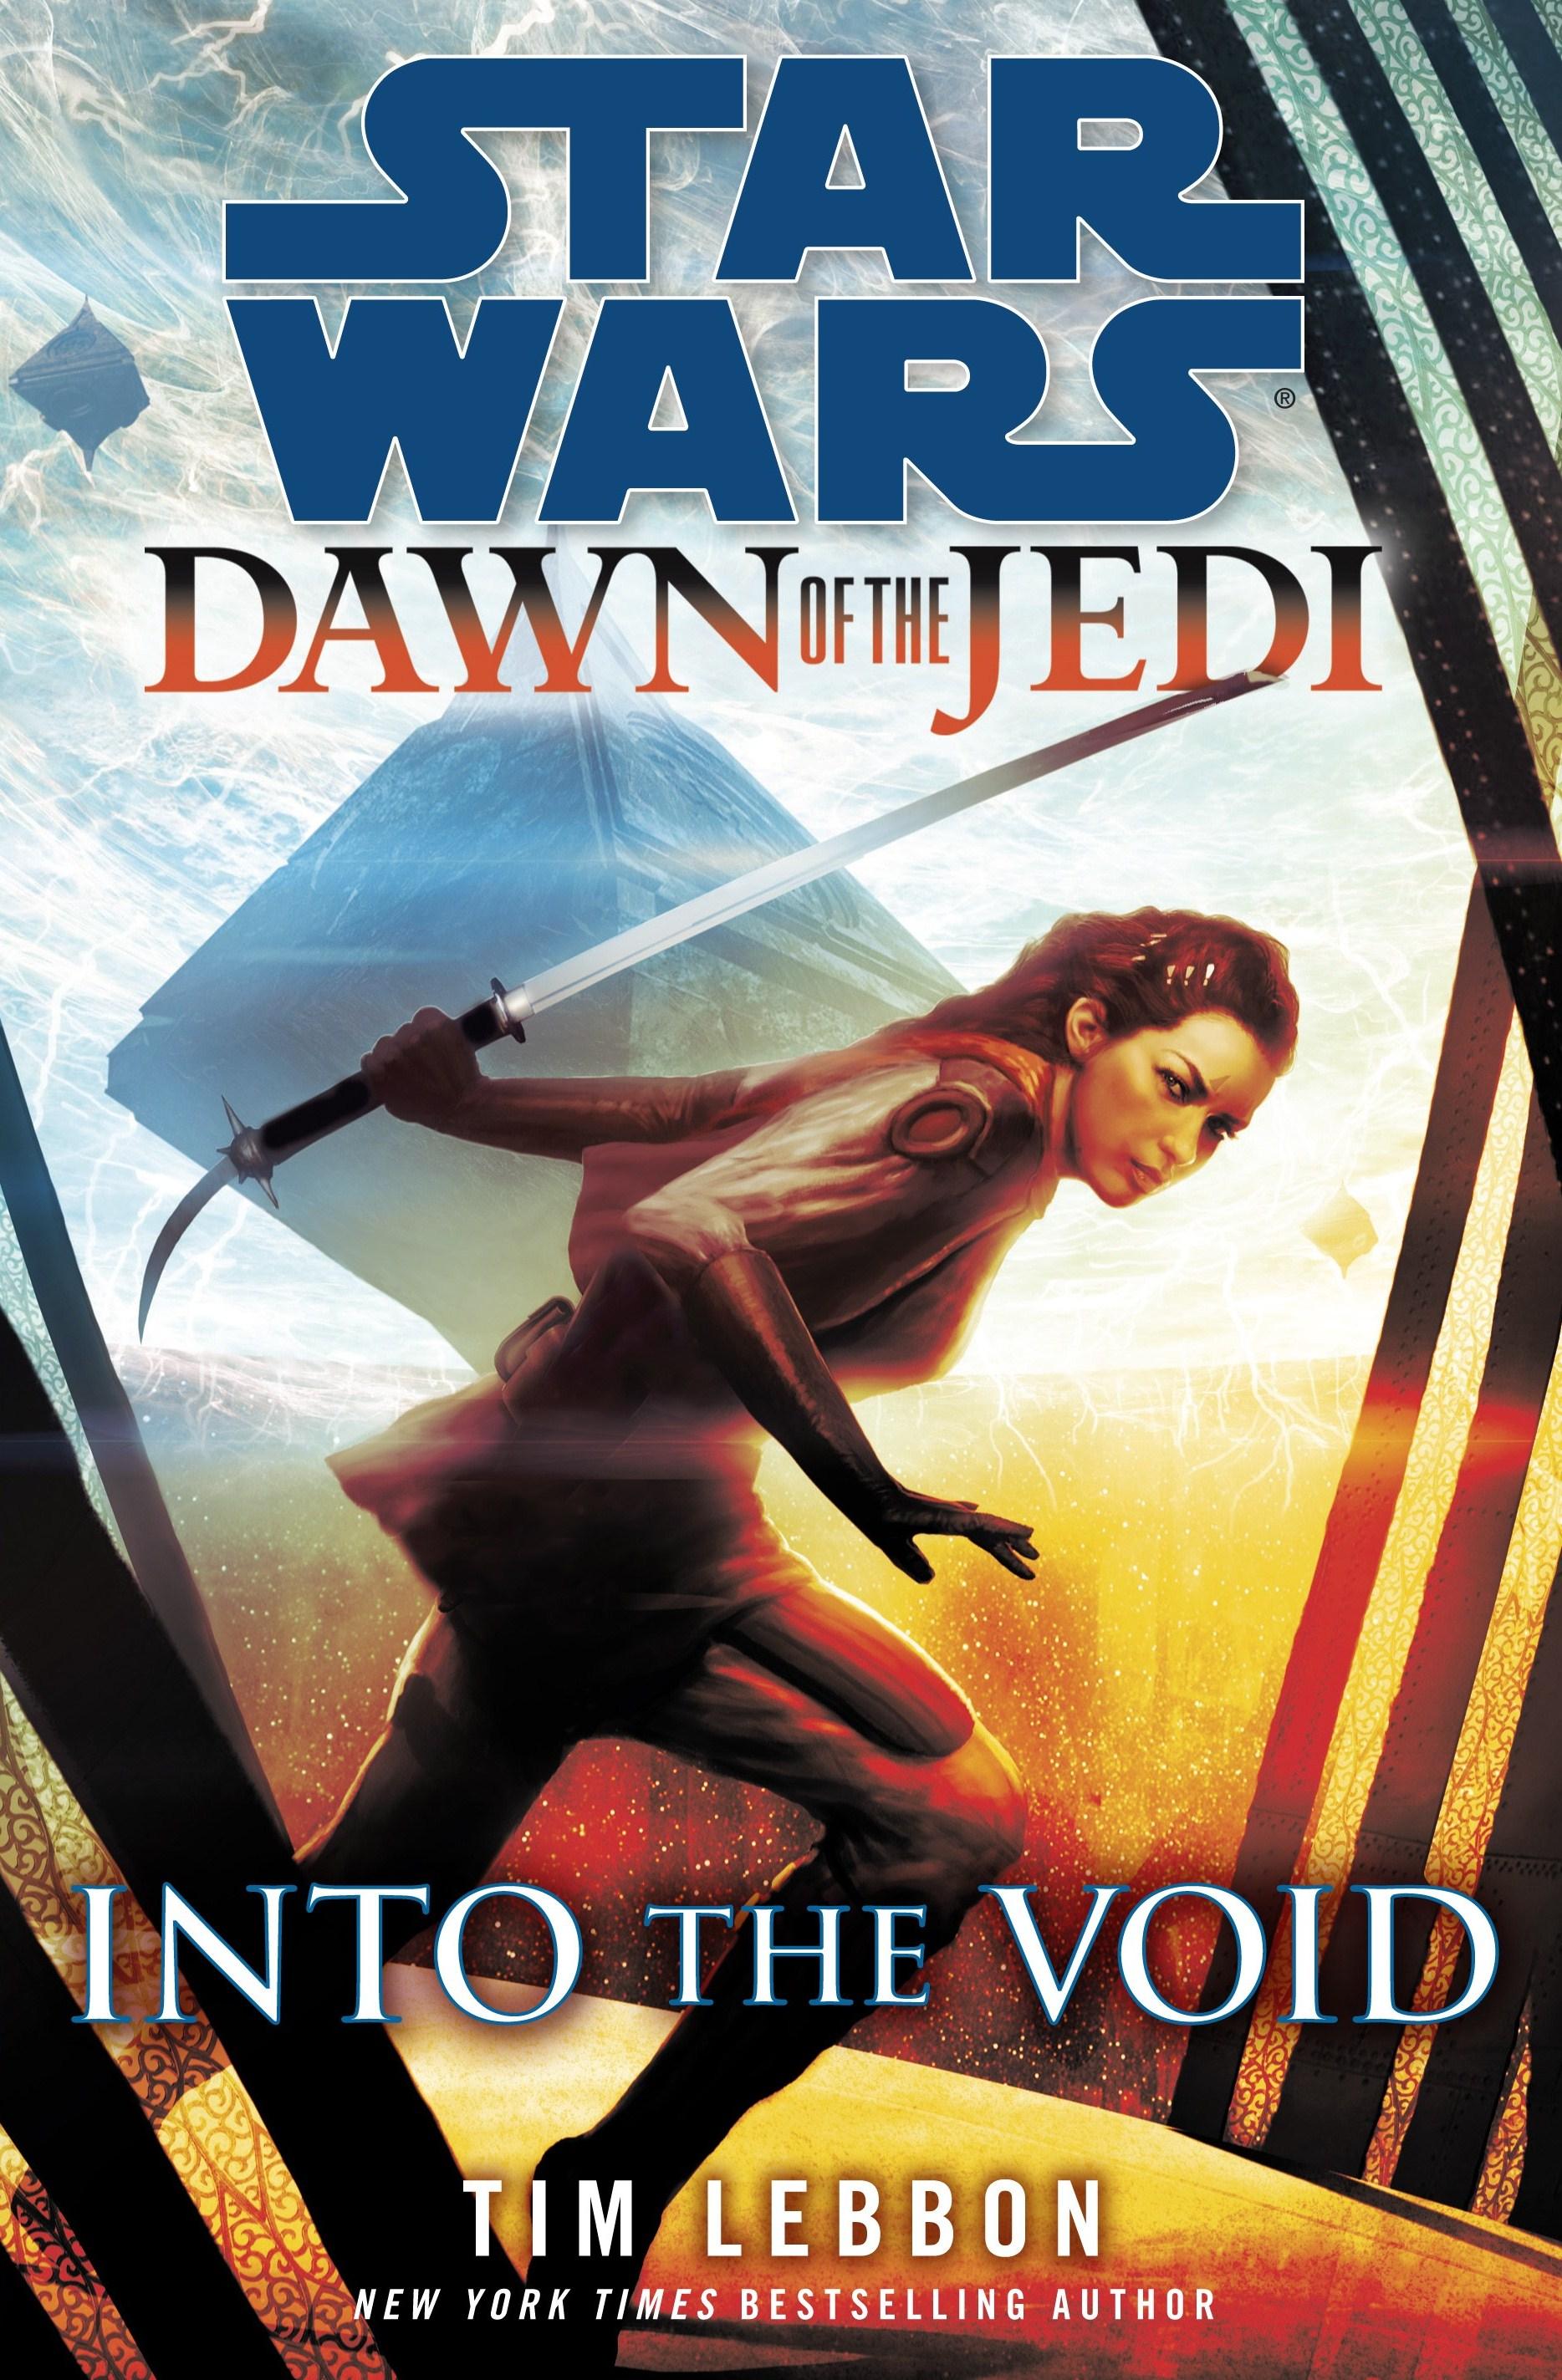 DawnoftheJedi-IntotheVoid-Hardcover.jpg